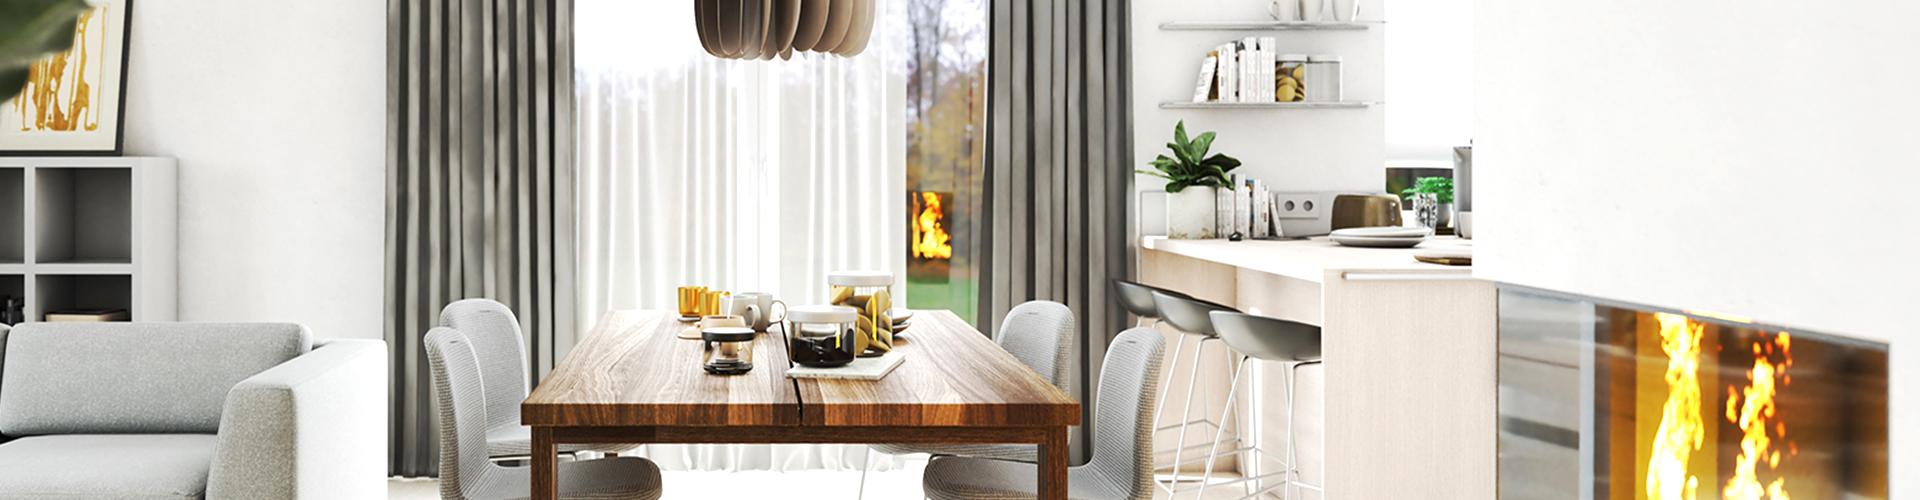 Nový interiér s modernou jednoduchosťou